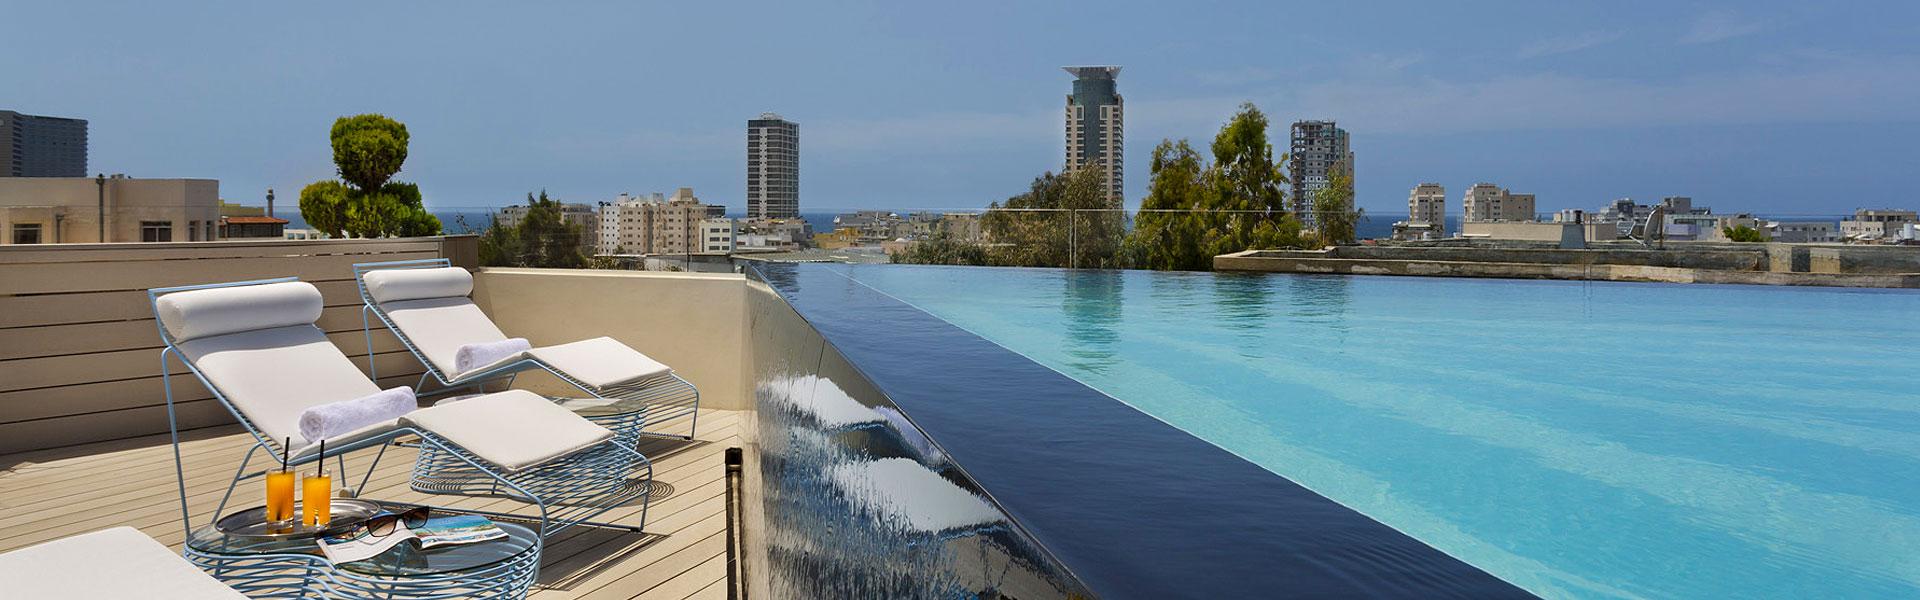 Hôtel-boutique Poli House à Tel Aviv